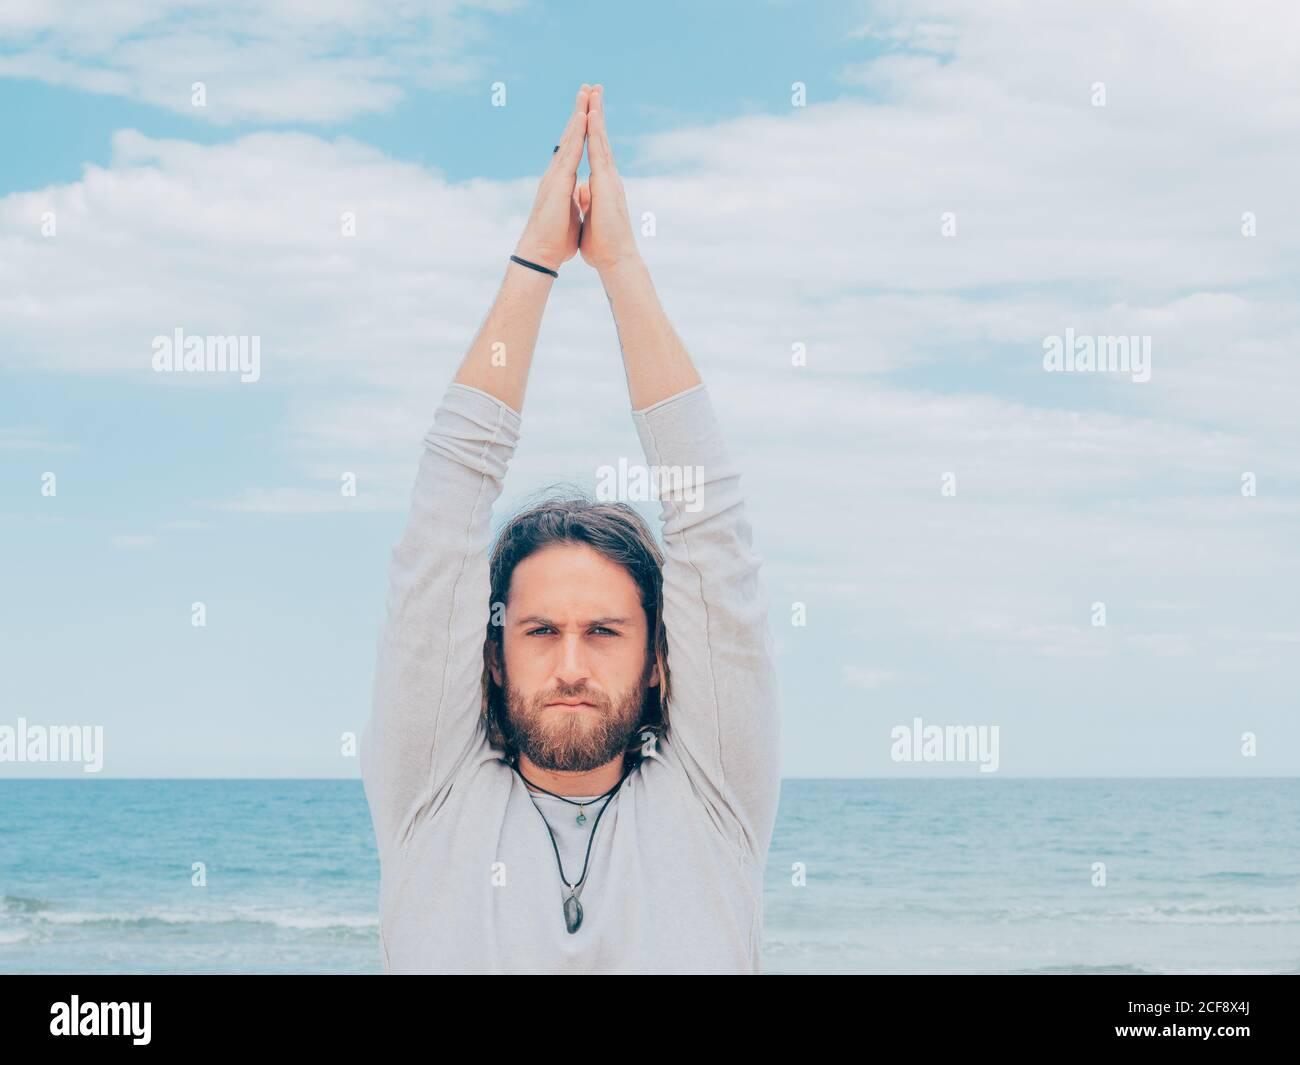 Sportlicher bärtiger Mann trainiert an ruhiger Küste und macht Yoga Asana gegen blaues Meer und Himmel Stockfoto